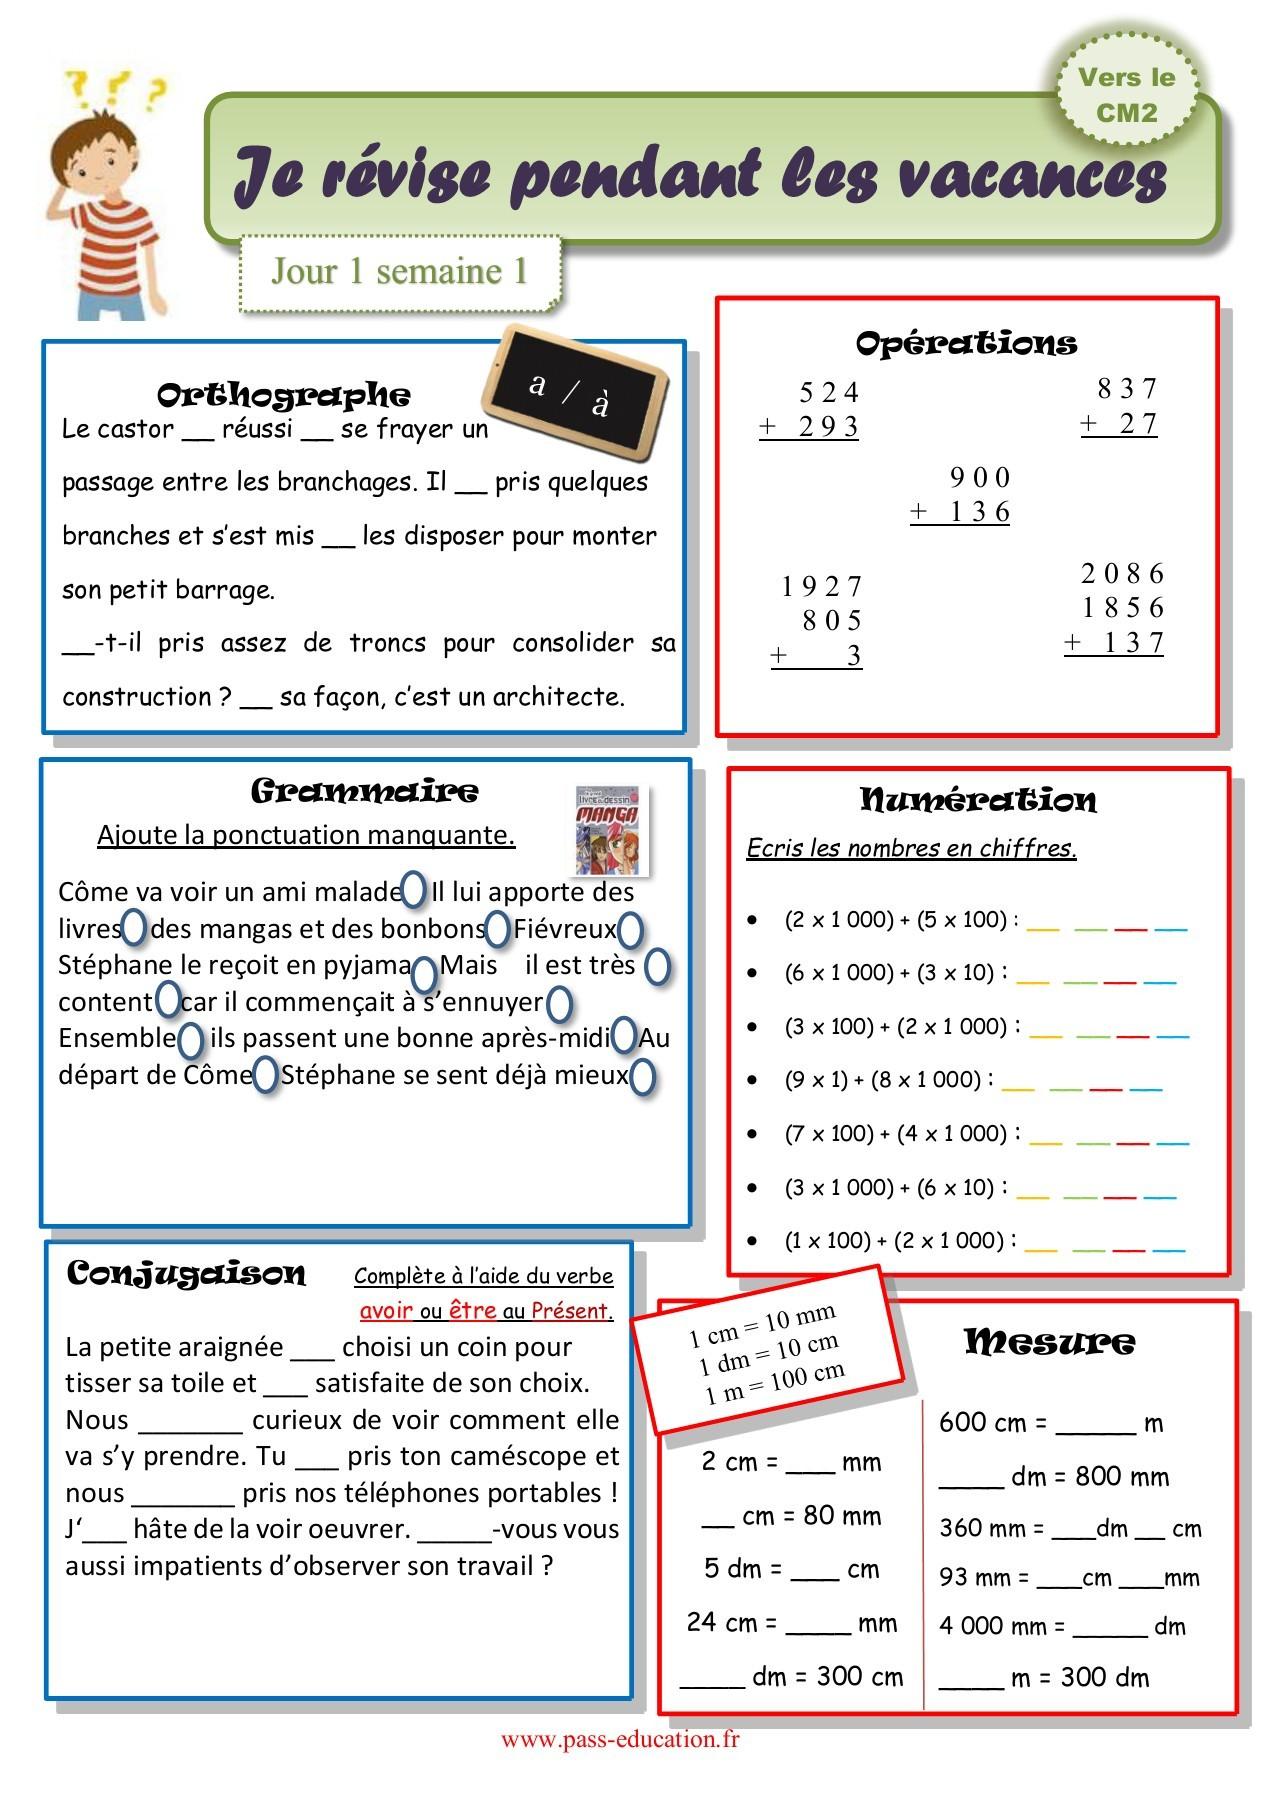 Cahier De Vacances Gratuit À Imprimer - Cm1 Vers Le Cm2 encequiconcerne Cahier De Vacances Maternelle À Imprimer